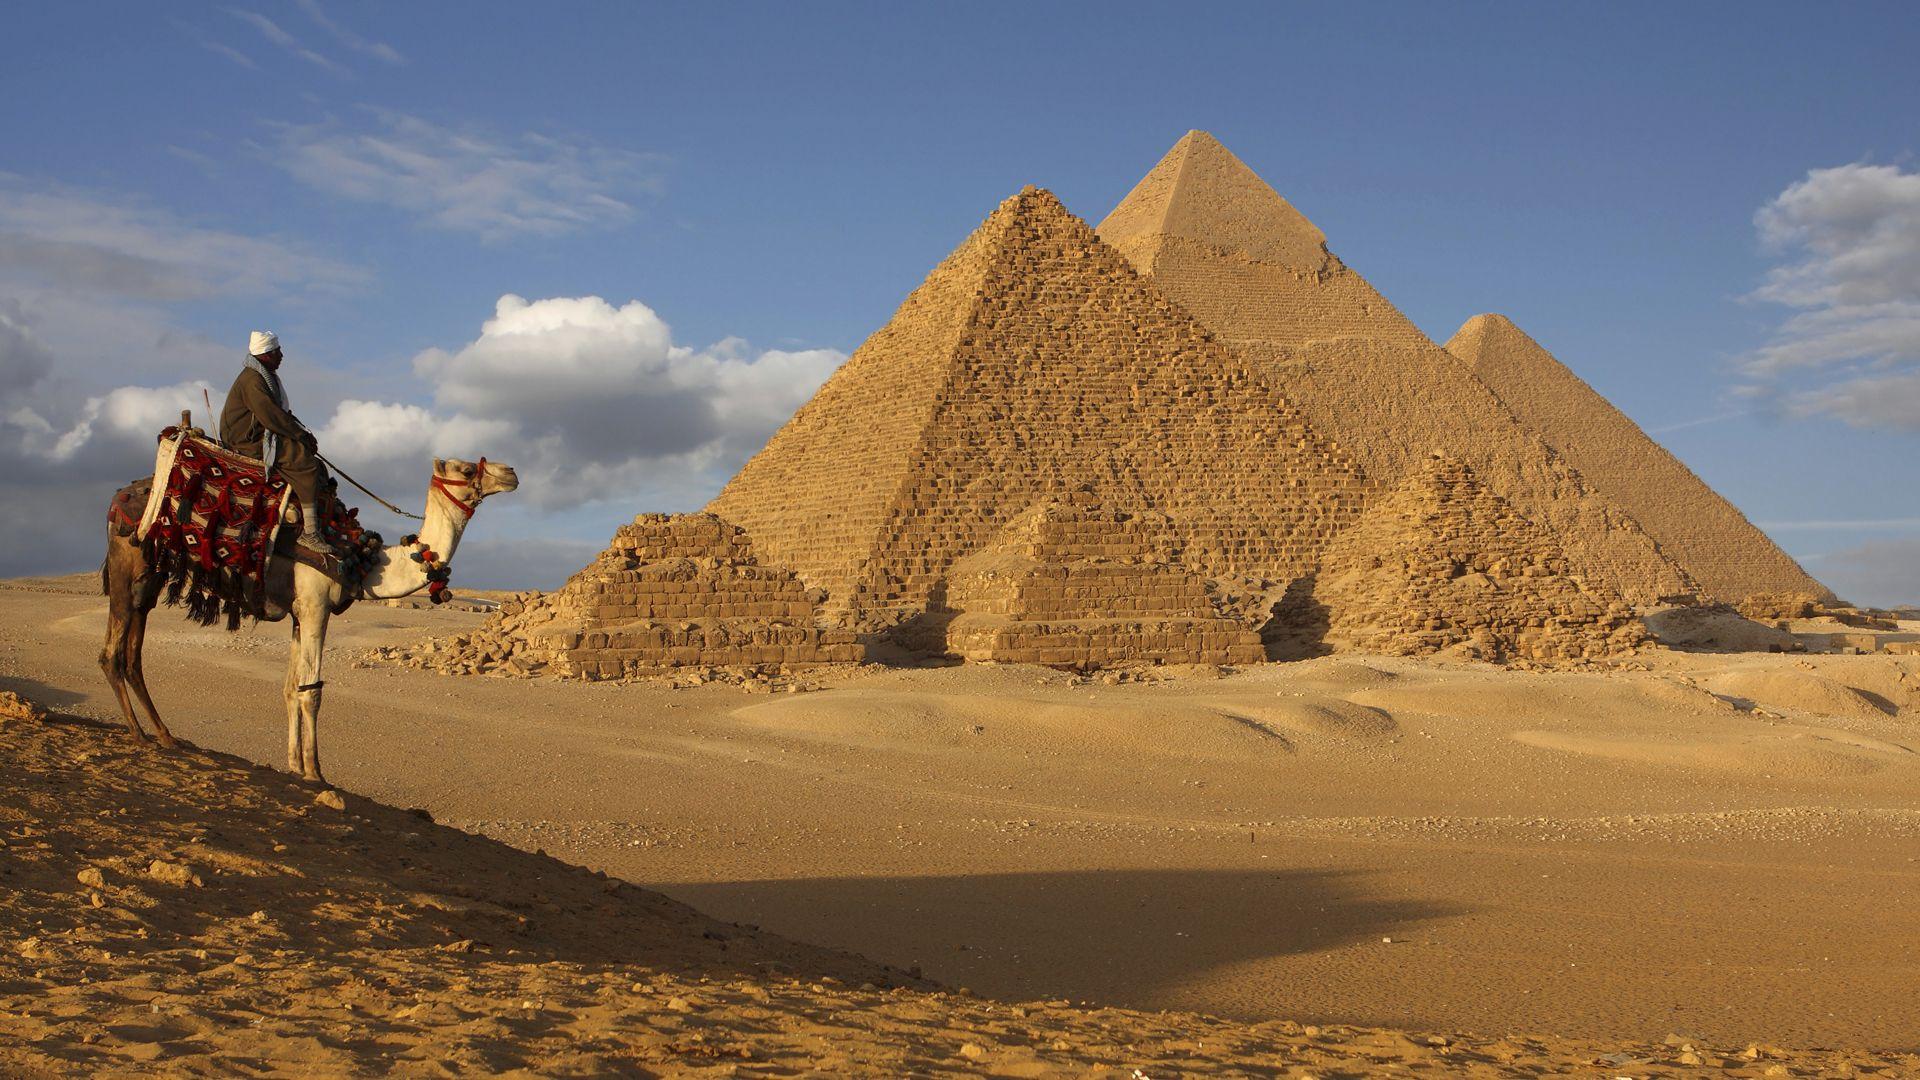 egytian images